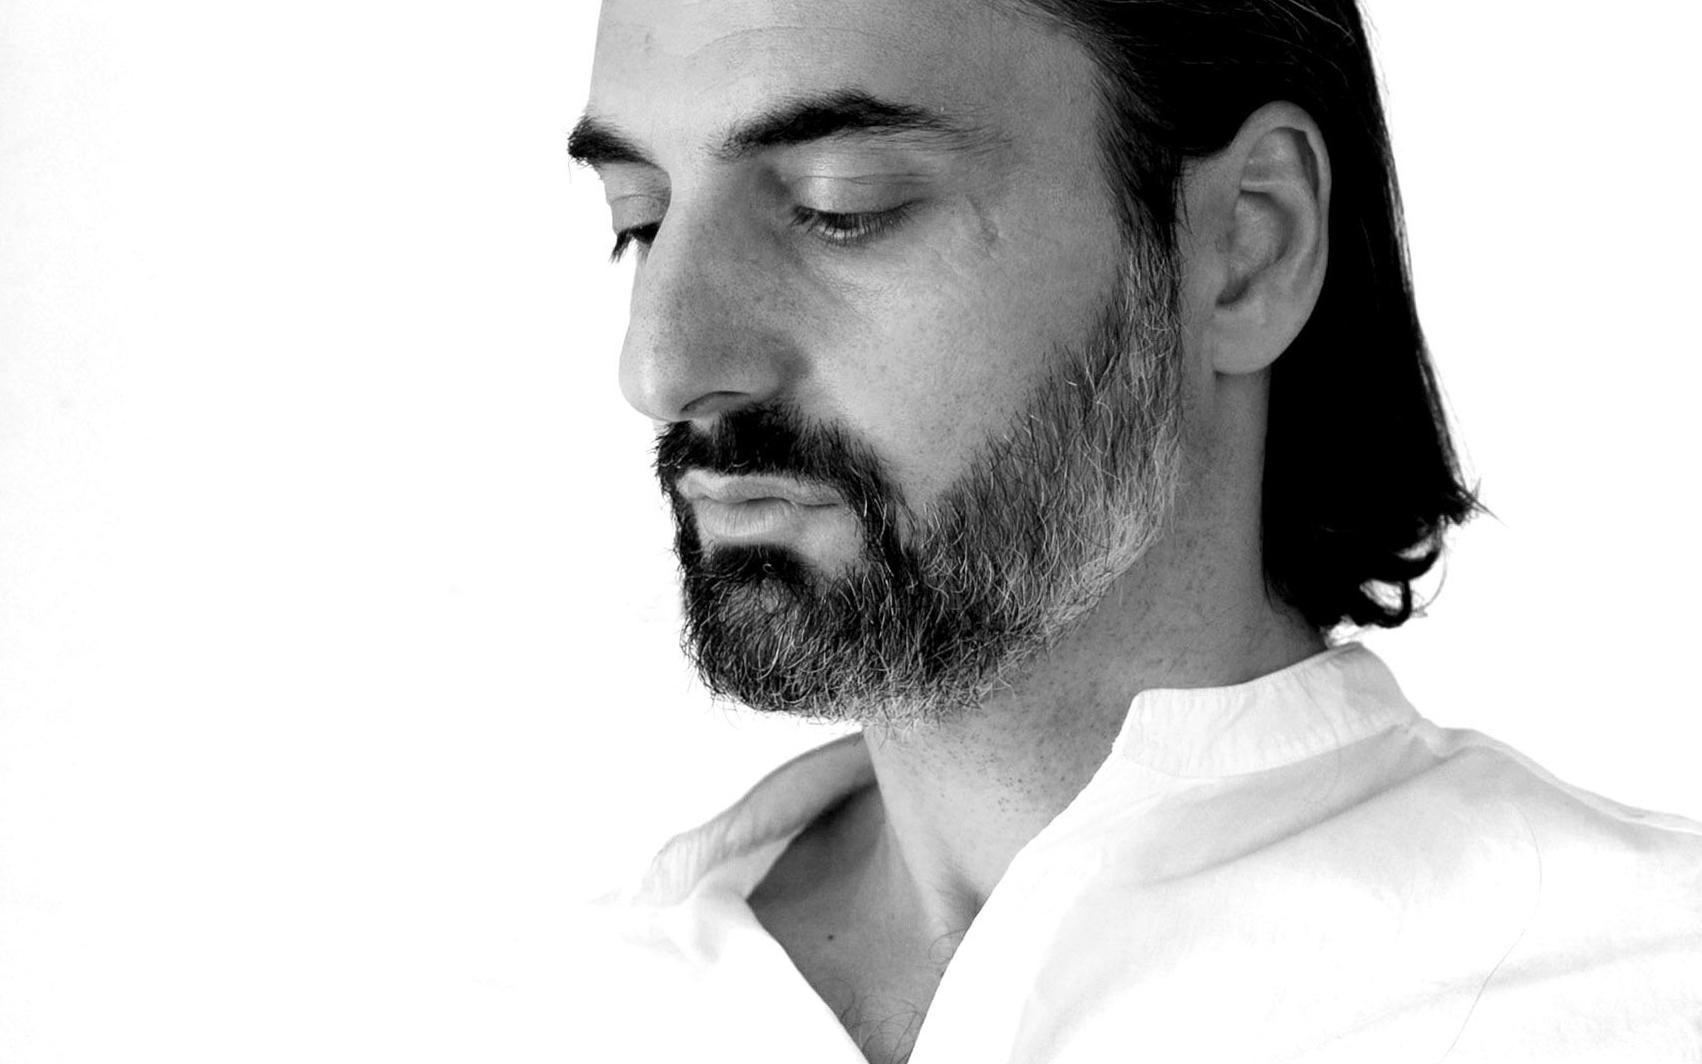 El Universo Neopurista de Gianfranco Spada llega al Museo del Mar y la Pesca el 16 de noviembre